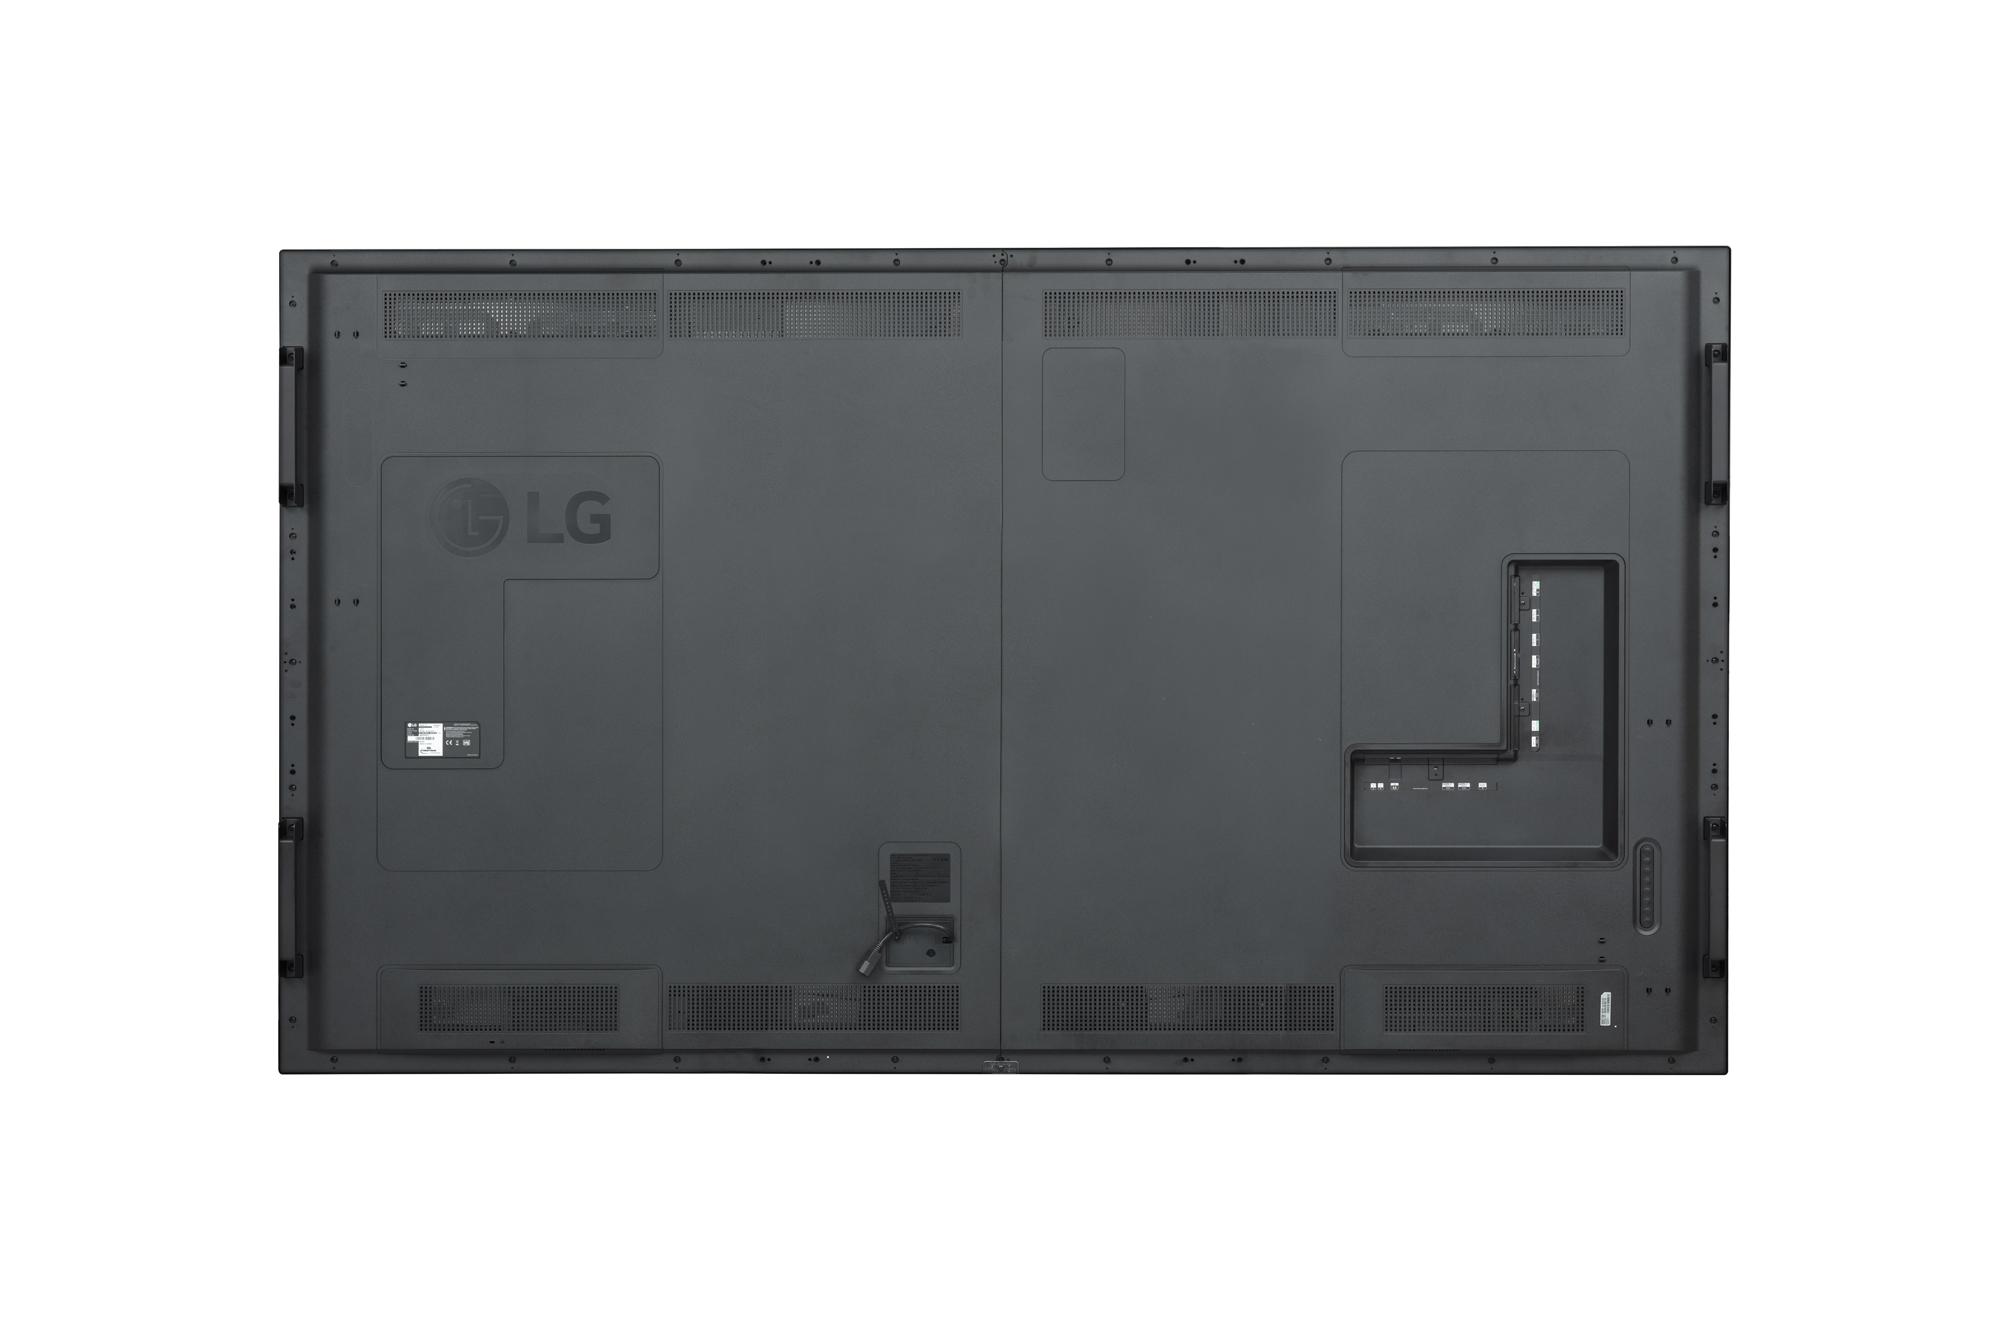 LG Standard Premium 98UH5F-B 7